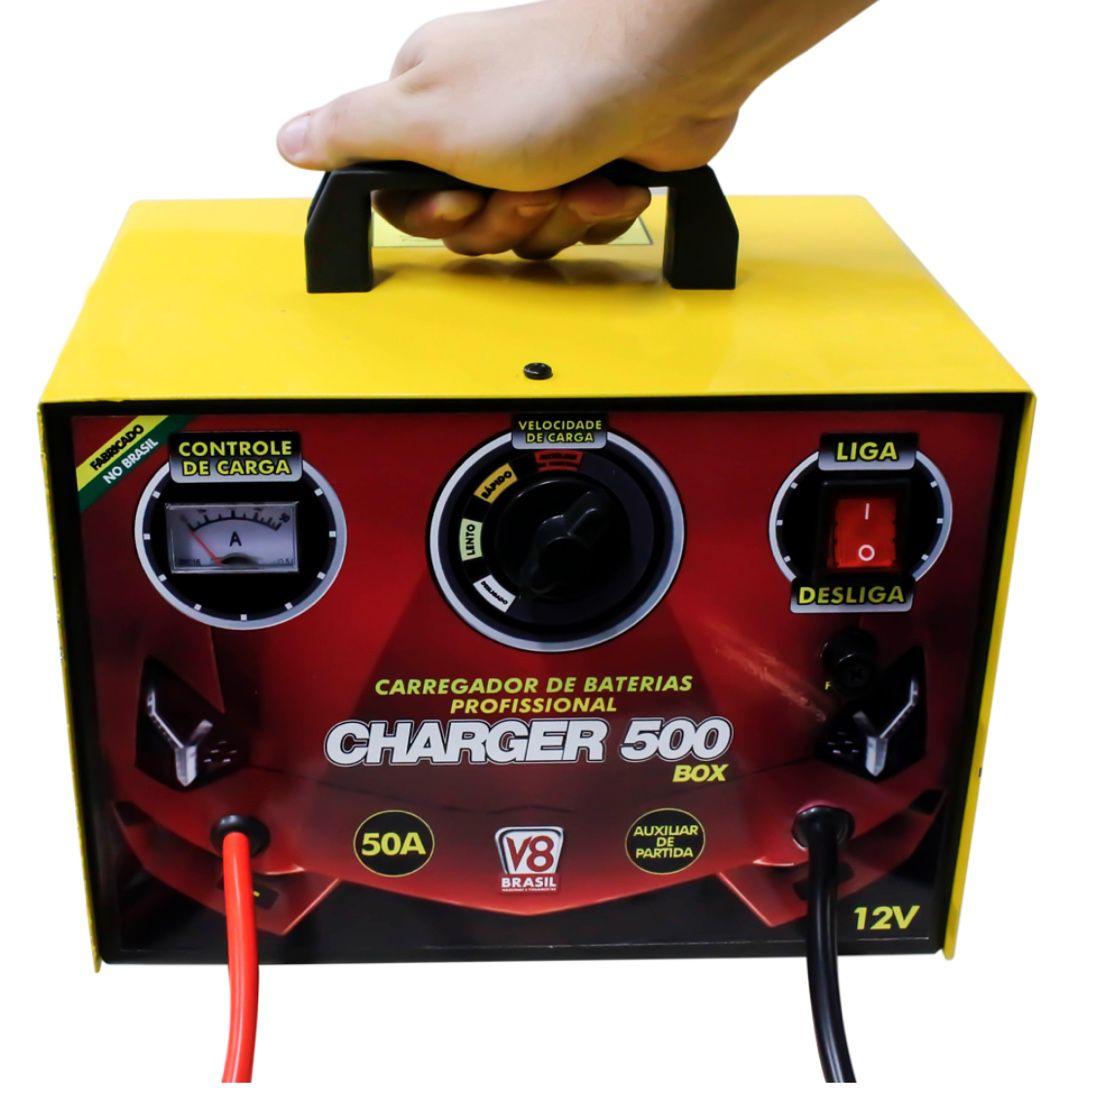 Carregador de Bateria V8 Brasil Charger 500 BOX com auxiliar de partida